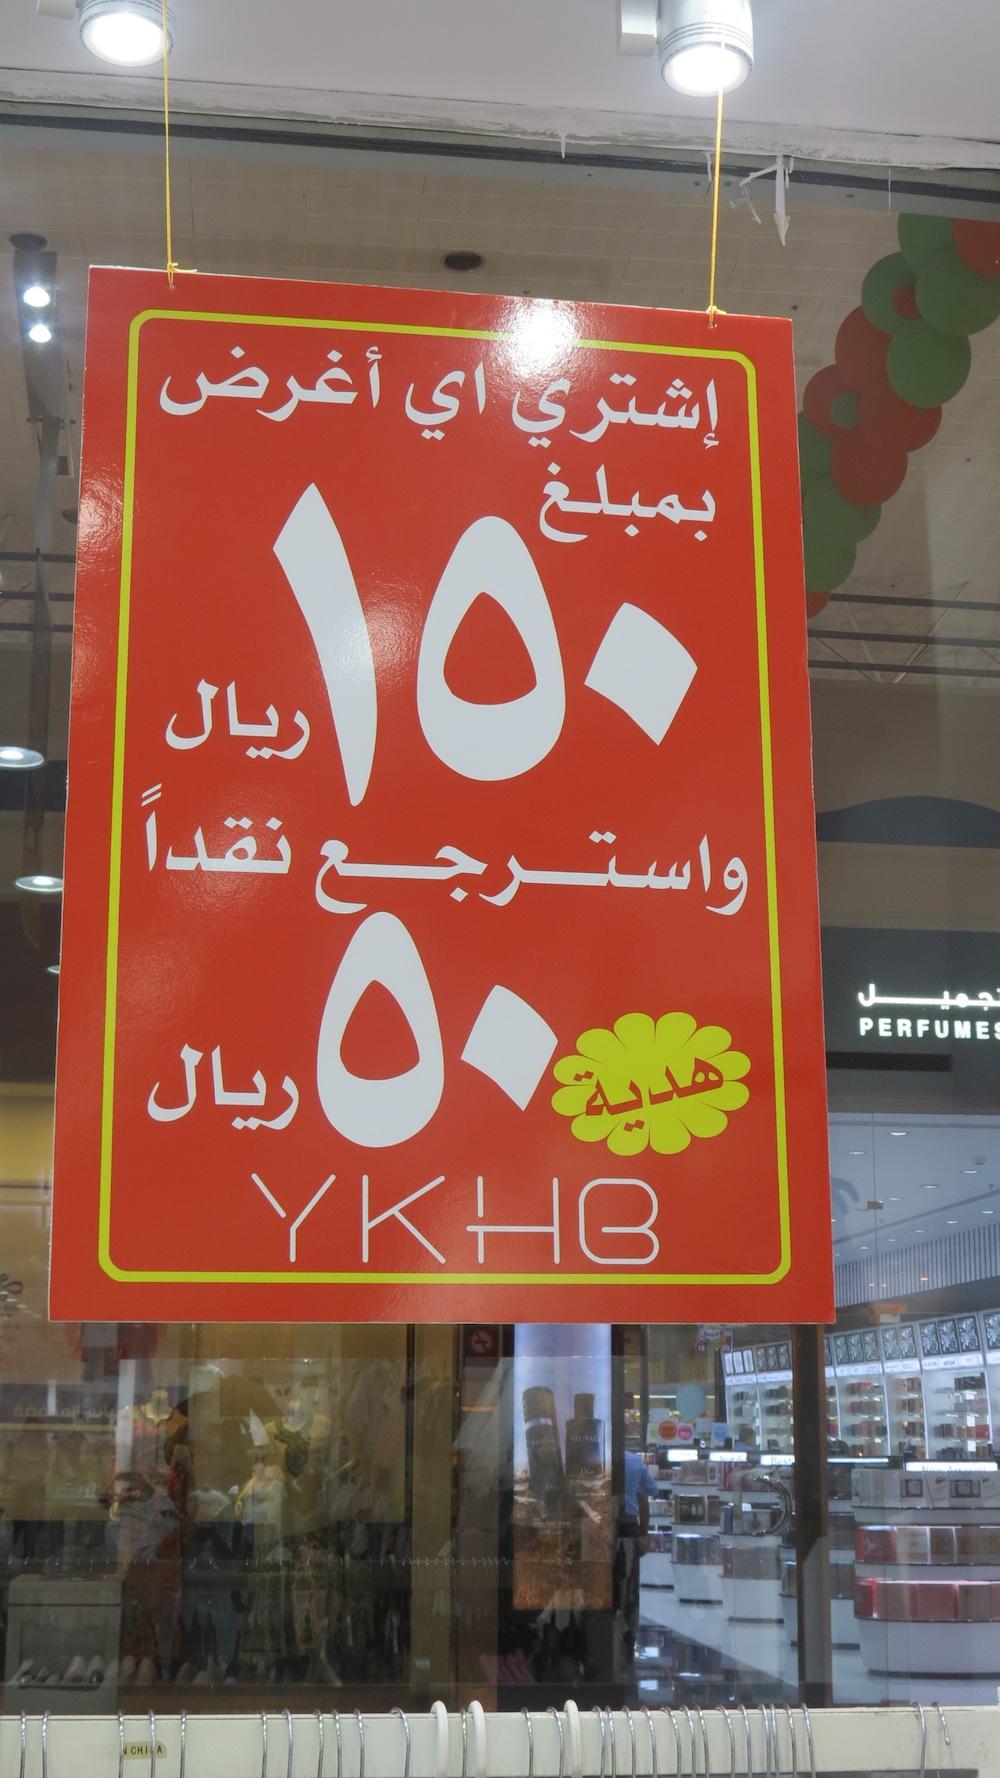 """تخفيضات ماركة """"واي كي اتش بي"""" ykhb في الرمال سنتر بمدينة الرياض IMG_3625.jpg"""